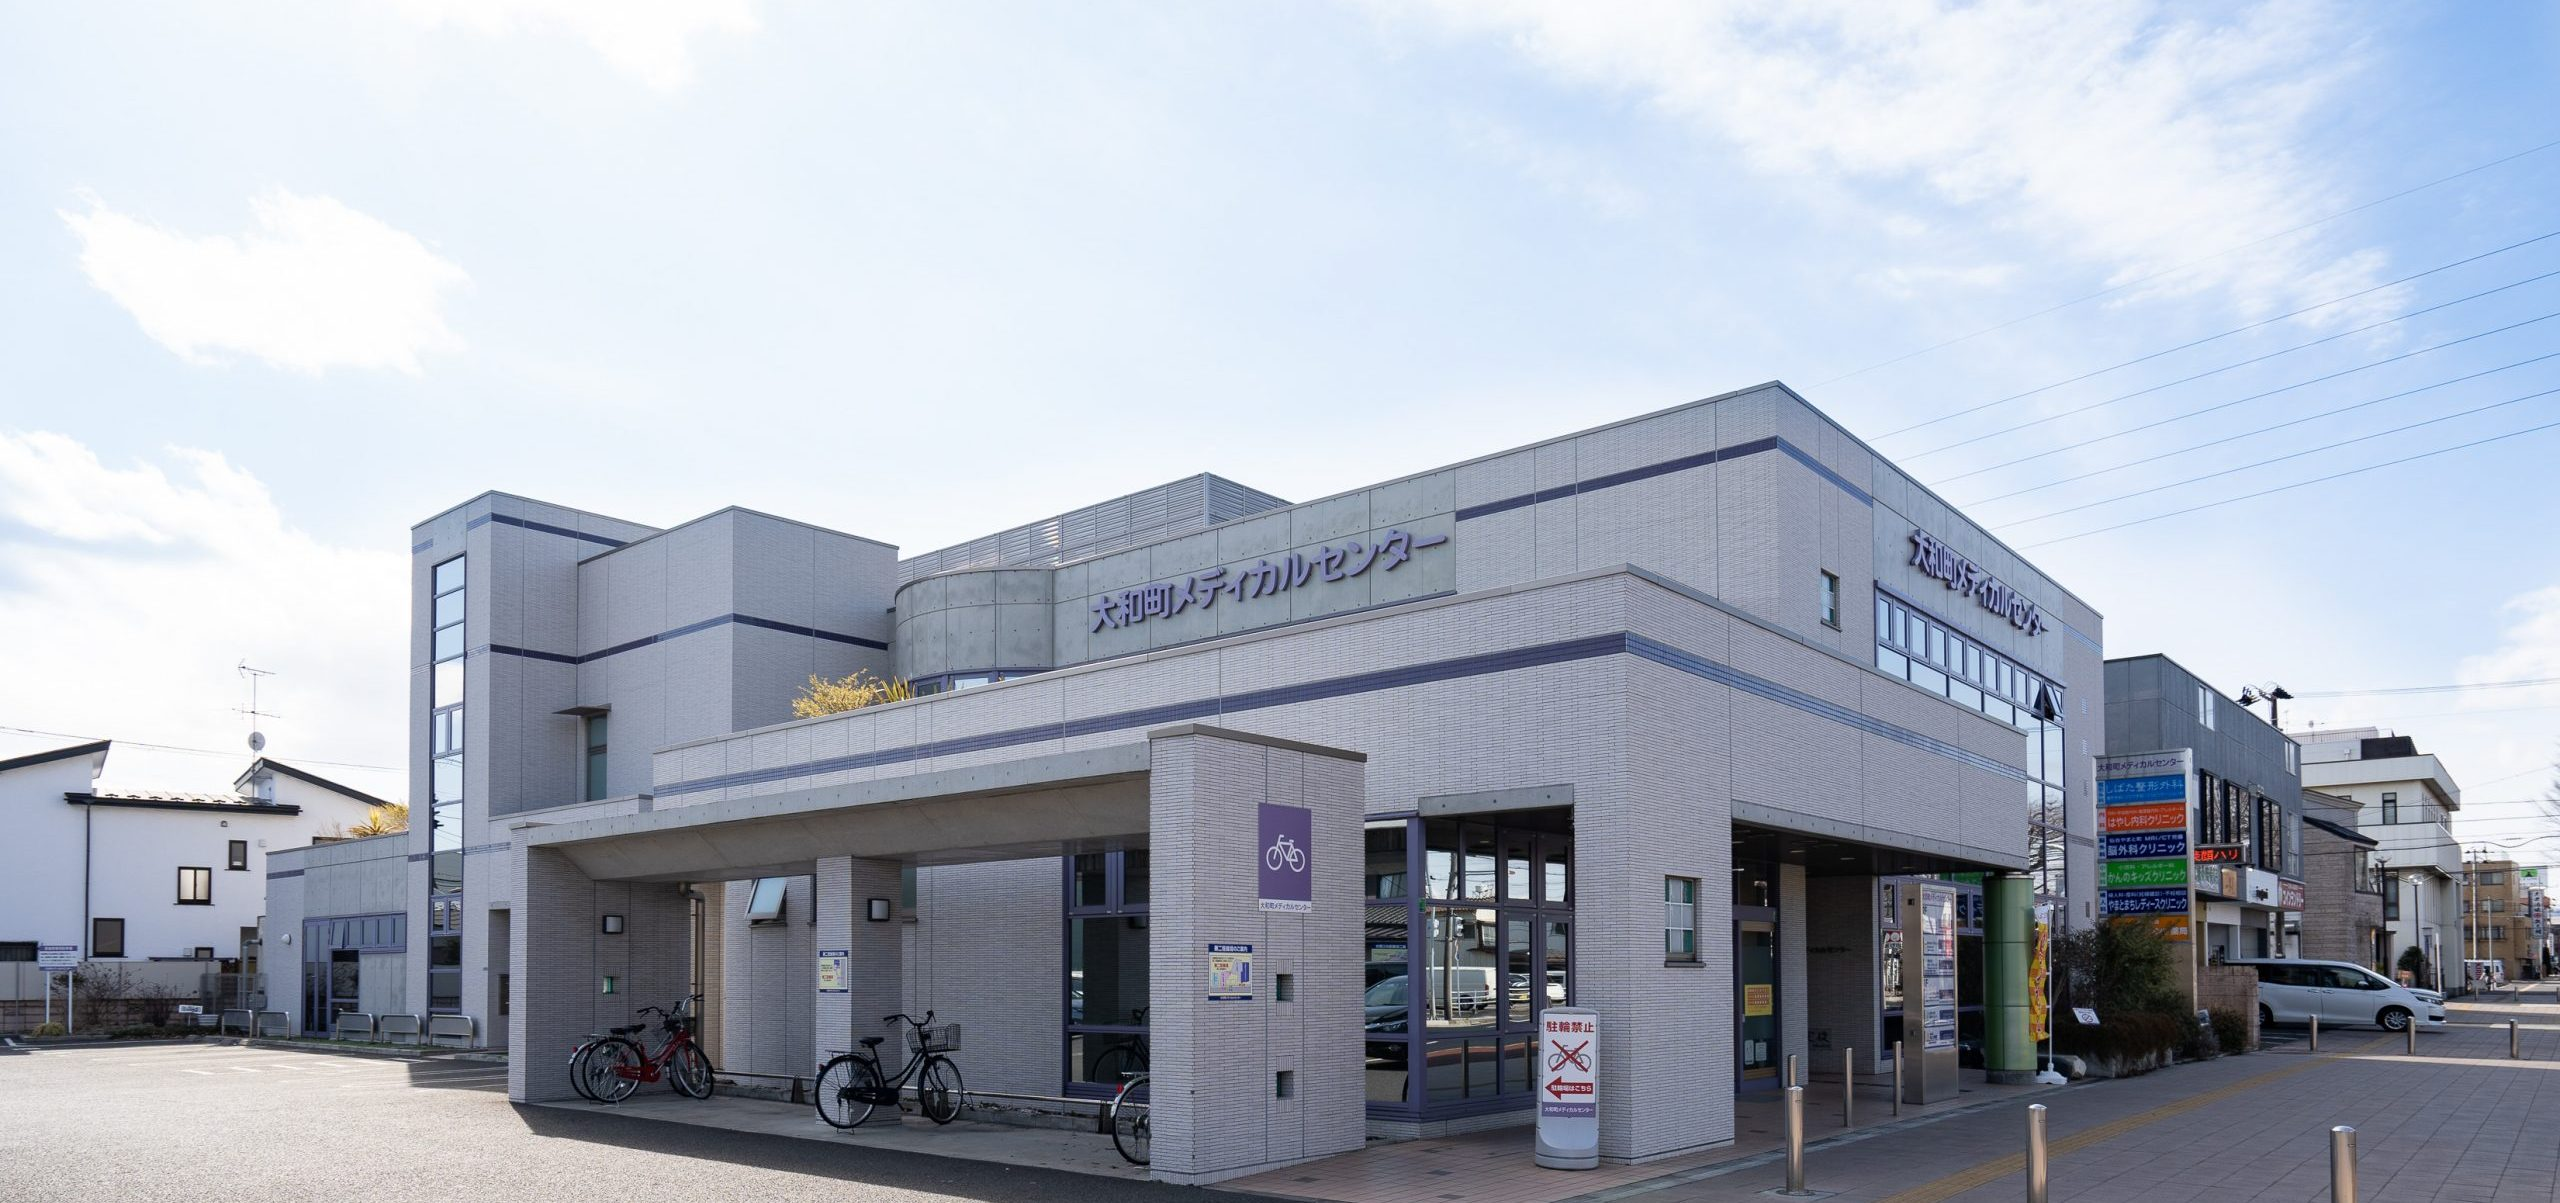 大和町メディカルセンター 仙台市若林区でクリニックを利用される方へ